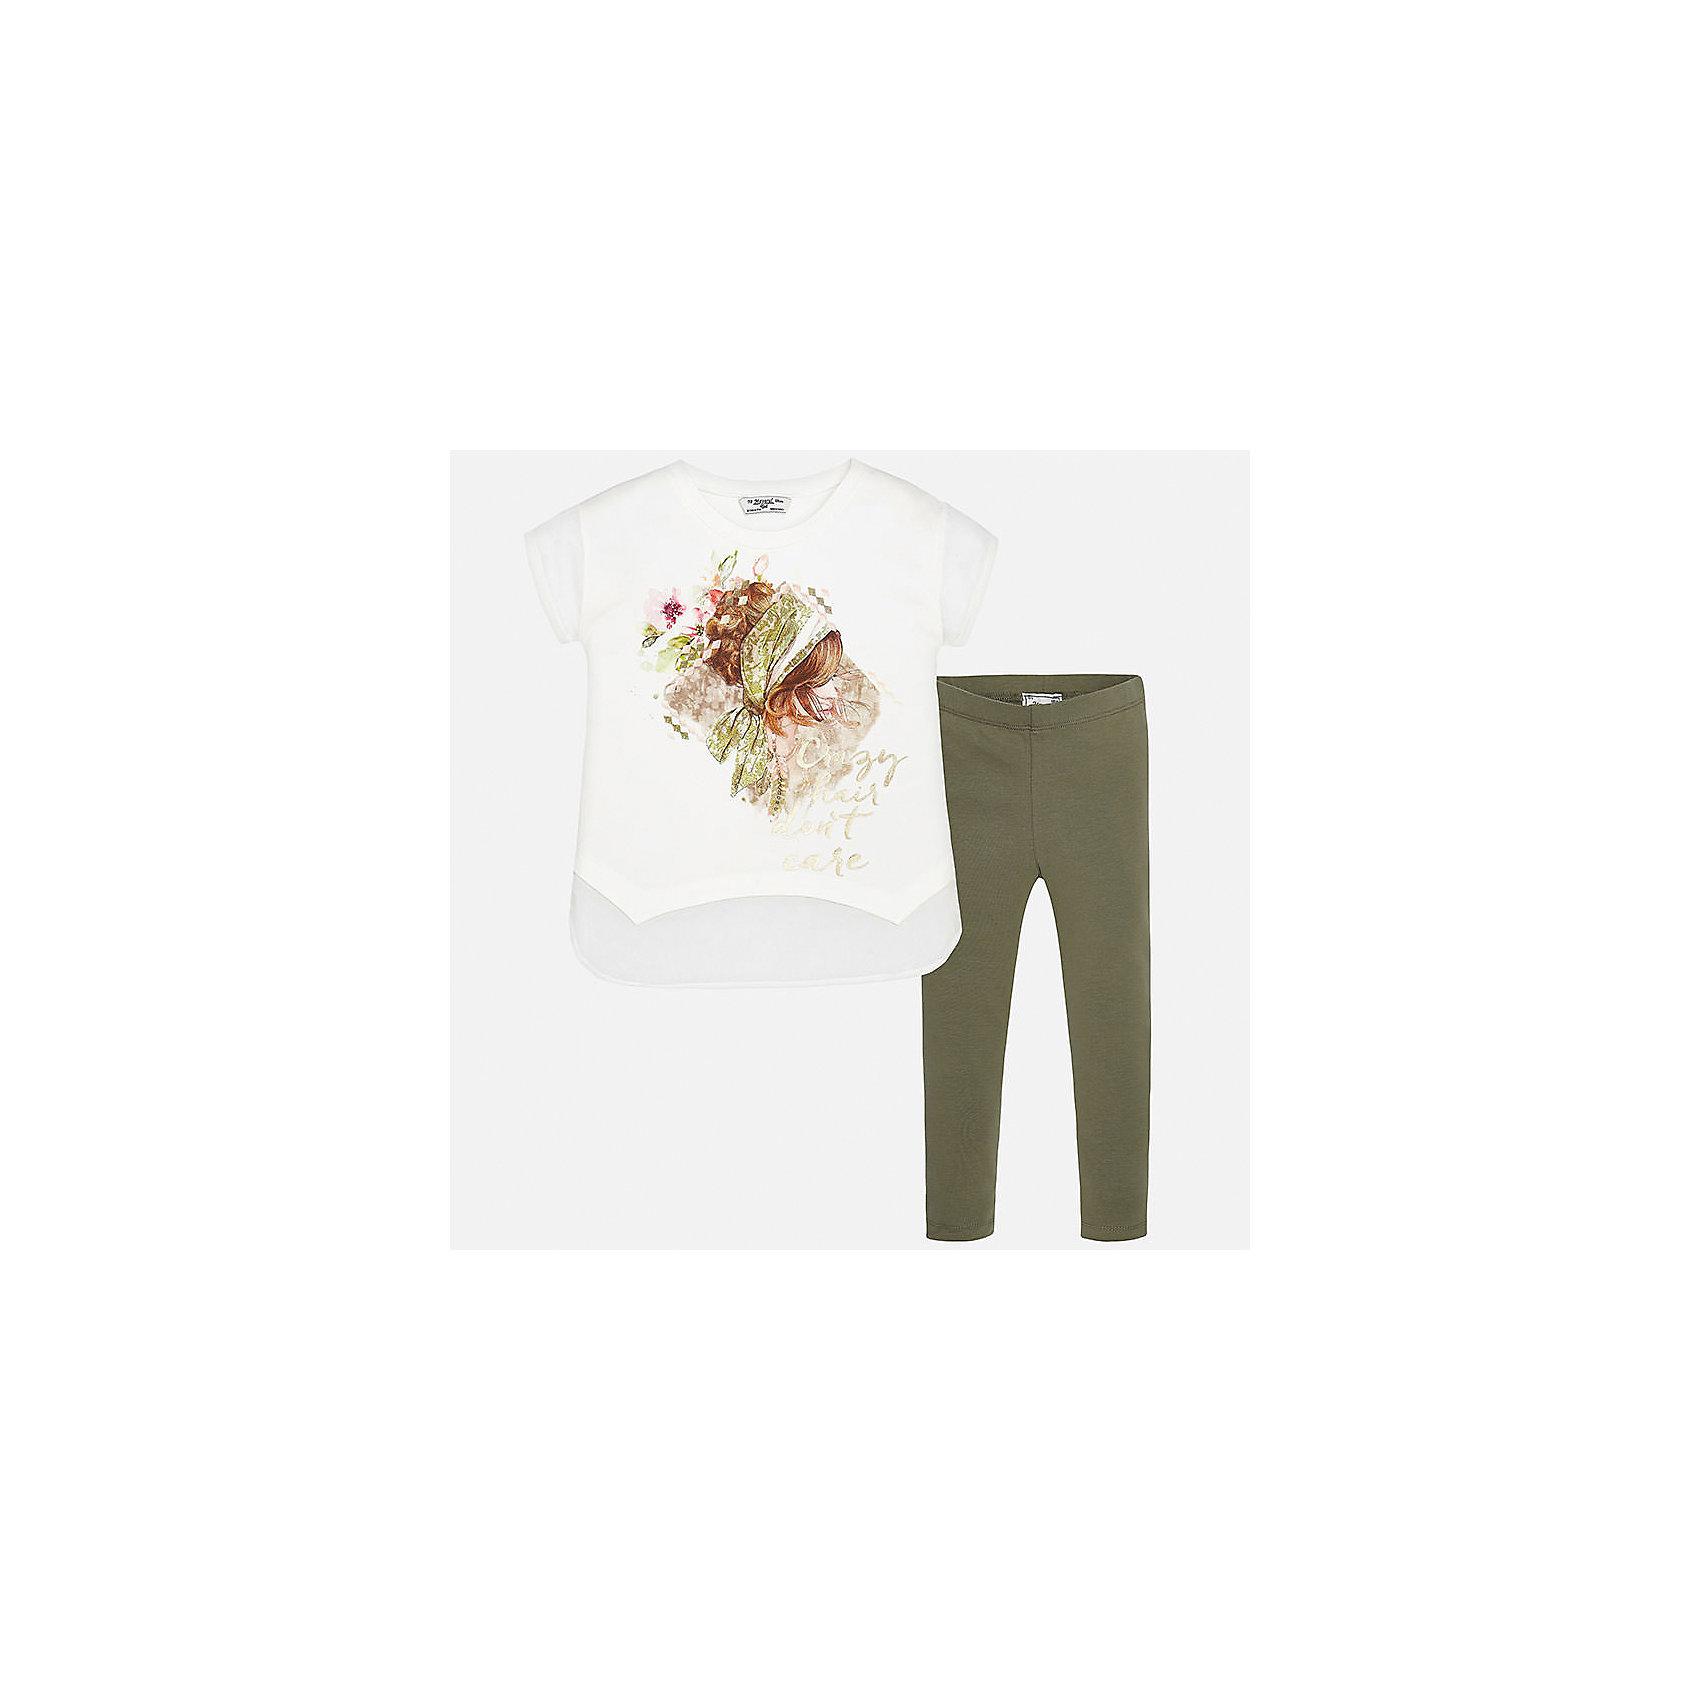 Комплект: футболка с длинным рукавом и леггинсы для девочки MayoralКомплекты<br>Характеристики товара:<br><br>• цвет: белый/зеленый<br>• состав: 95% хлопок, 5% эластан<br>• комплектация: футболка, леггинсы<br>• футболка декорирована принтом <br>• леггинсы однотонные<br>• пояс на резинке<br>• страна бренда: Испания<br><br>Красивый качественный комплект для девочки поможет разнообразить гардероб ребенка и удобно одеться в теплую погоду. Он отлично сочетается с другими предметами. Универсальный цвет позволяет подобрать к вещам верхнюю одежду практически любой расцветки. Интересная отделка модели делает её нарядной и оригинальной. В составе материала - натуральный хлопок, гипоаллергенный, приятный на ощупь, дышащий.<br><br>Одежда, обувь и аксессуары от испанского бренда Mayoral полюбились детям и взрослым по всему миру. Модели этой марки - стильные и удобные. Для их производства используются только безопасные, качественные материалы и фурнитура. Порадуйте ребенка модными и красивыми вещами от Mayoral! <br><br>Комплект для девочки от испанского бренда Mayoral (Майорал) можно купить в нашем интернет-магазине.<br><br>Ширина мм: 123<br>Глубина мм: 10<br>Высота мм: 149<br>Вес г: 209<br>Цвет: коричневый<br>Возраст от месяцев: 84<br>Возраст до месяцев: 96<br>Пол: Женский<br>Возраст: Детский<br>Размер: 128/134,164,158,152,140<br>SKU: 5300896